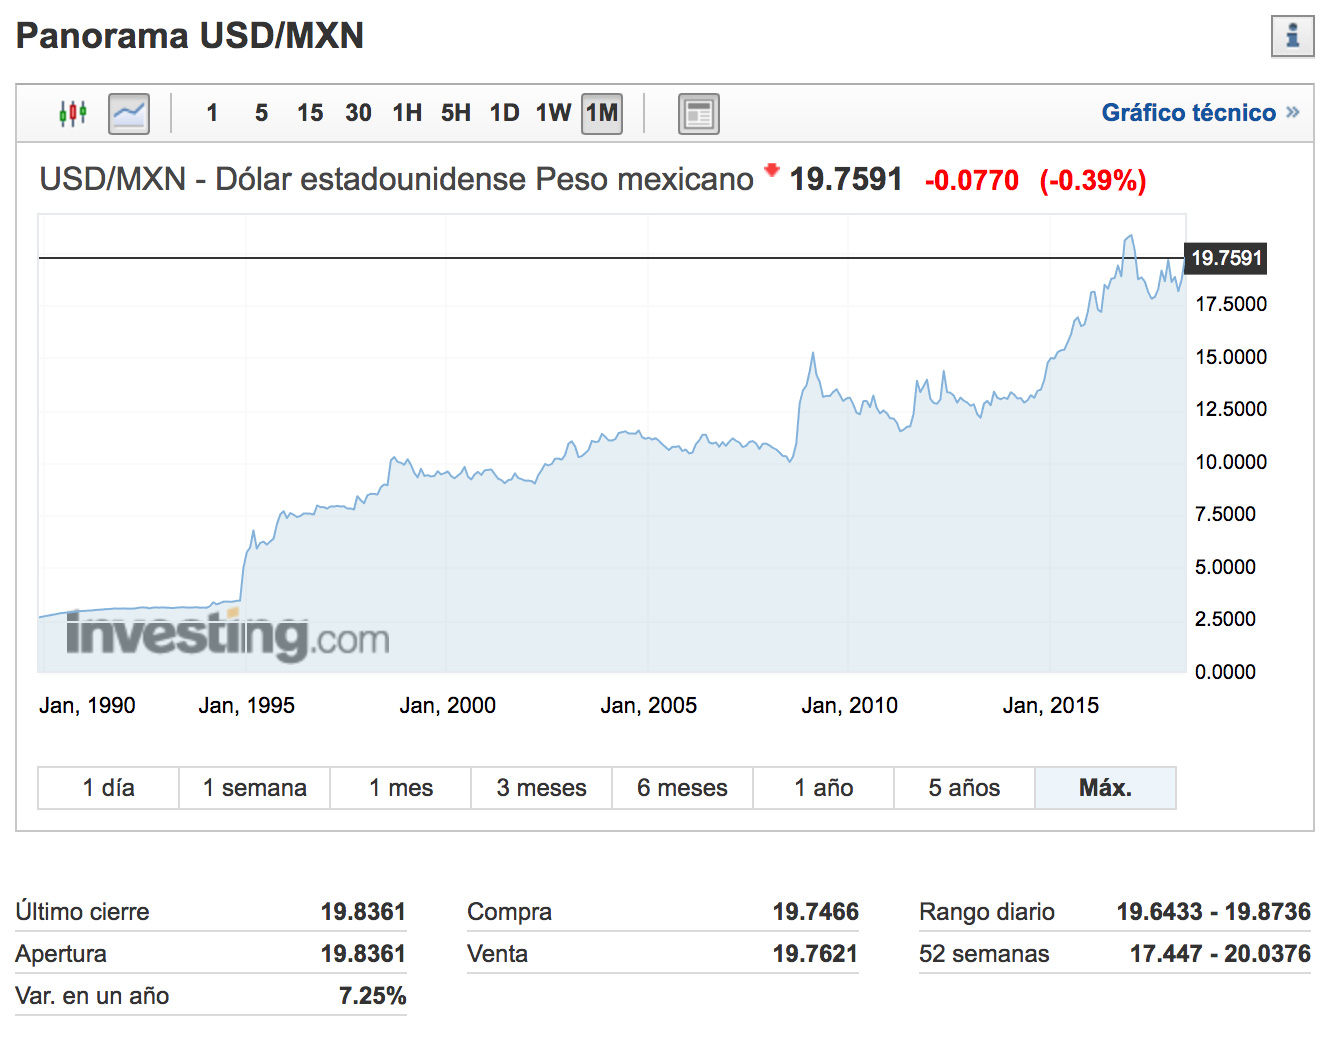 Investing Usd Mxn Dólar Peso Mexicano Al 30 De Mayo